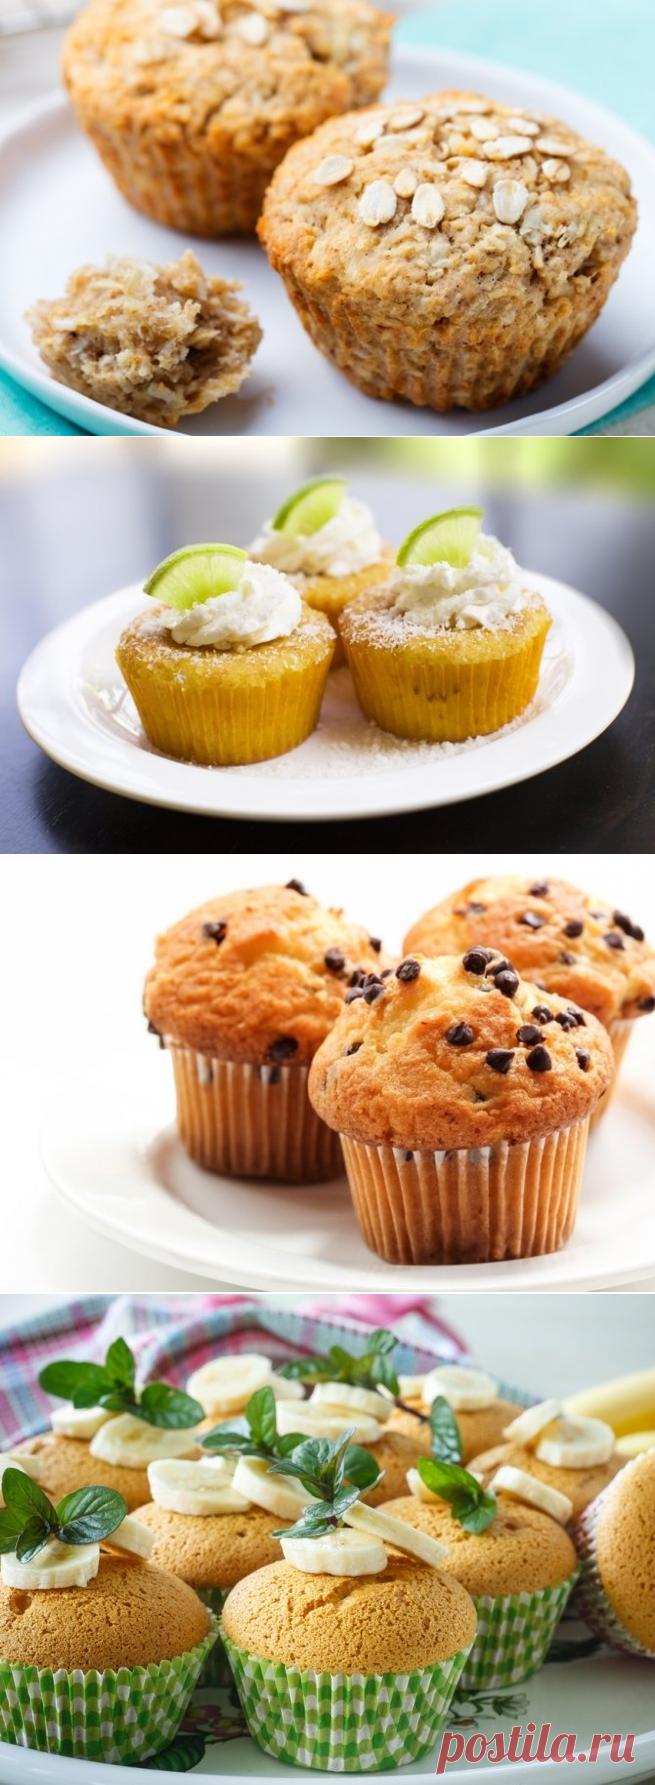 5 простых рецептов кексов в кружке